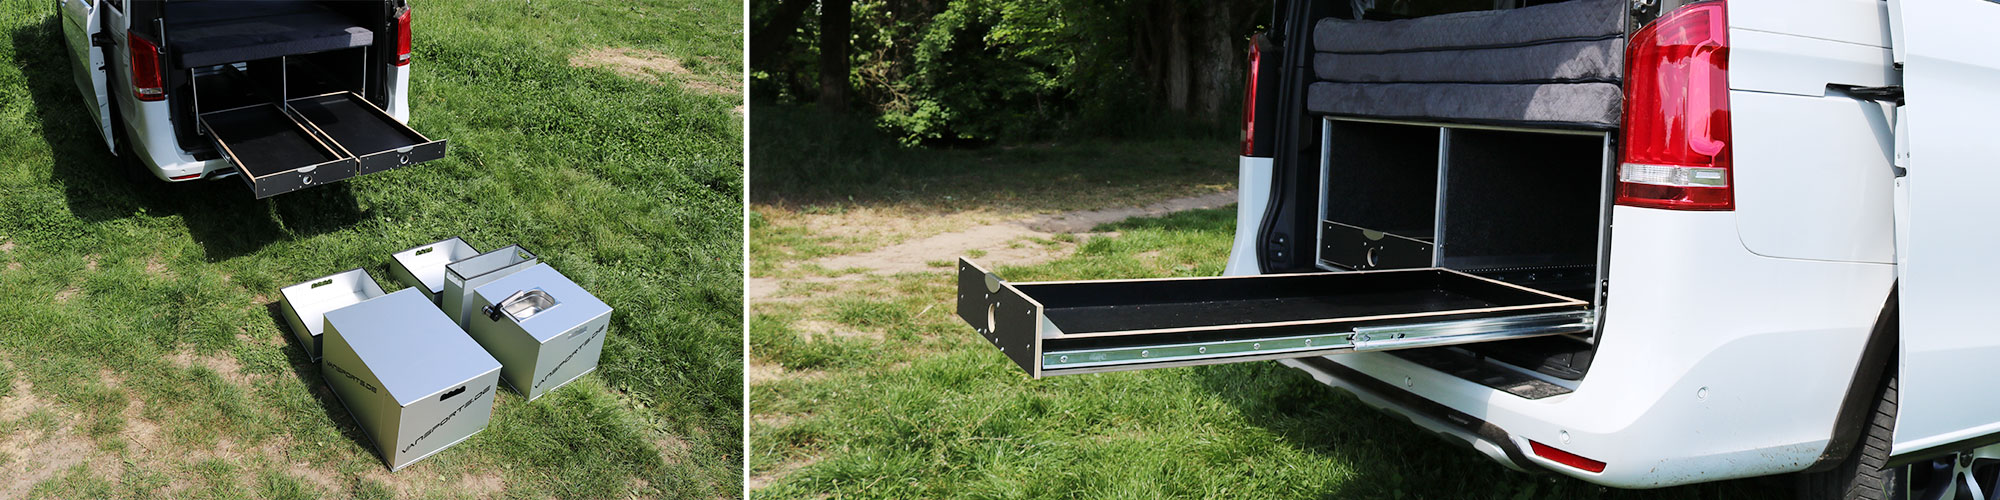 Die Campingbox mit ausgezogenem Schwerlastauszug